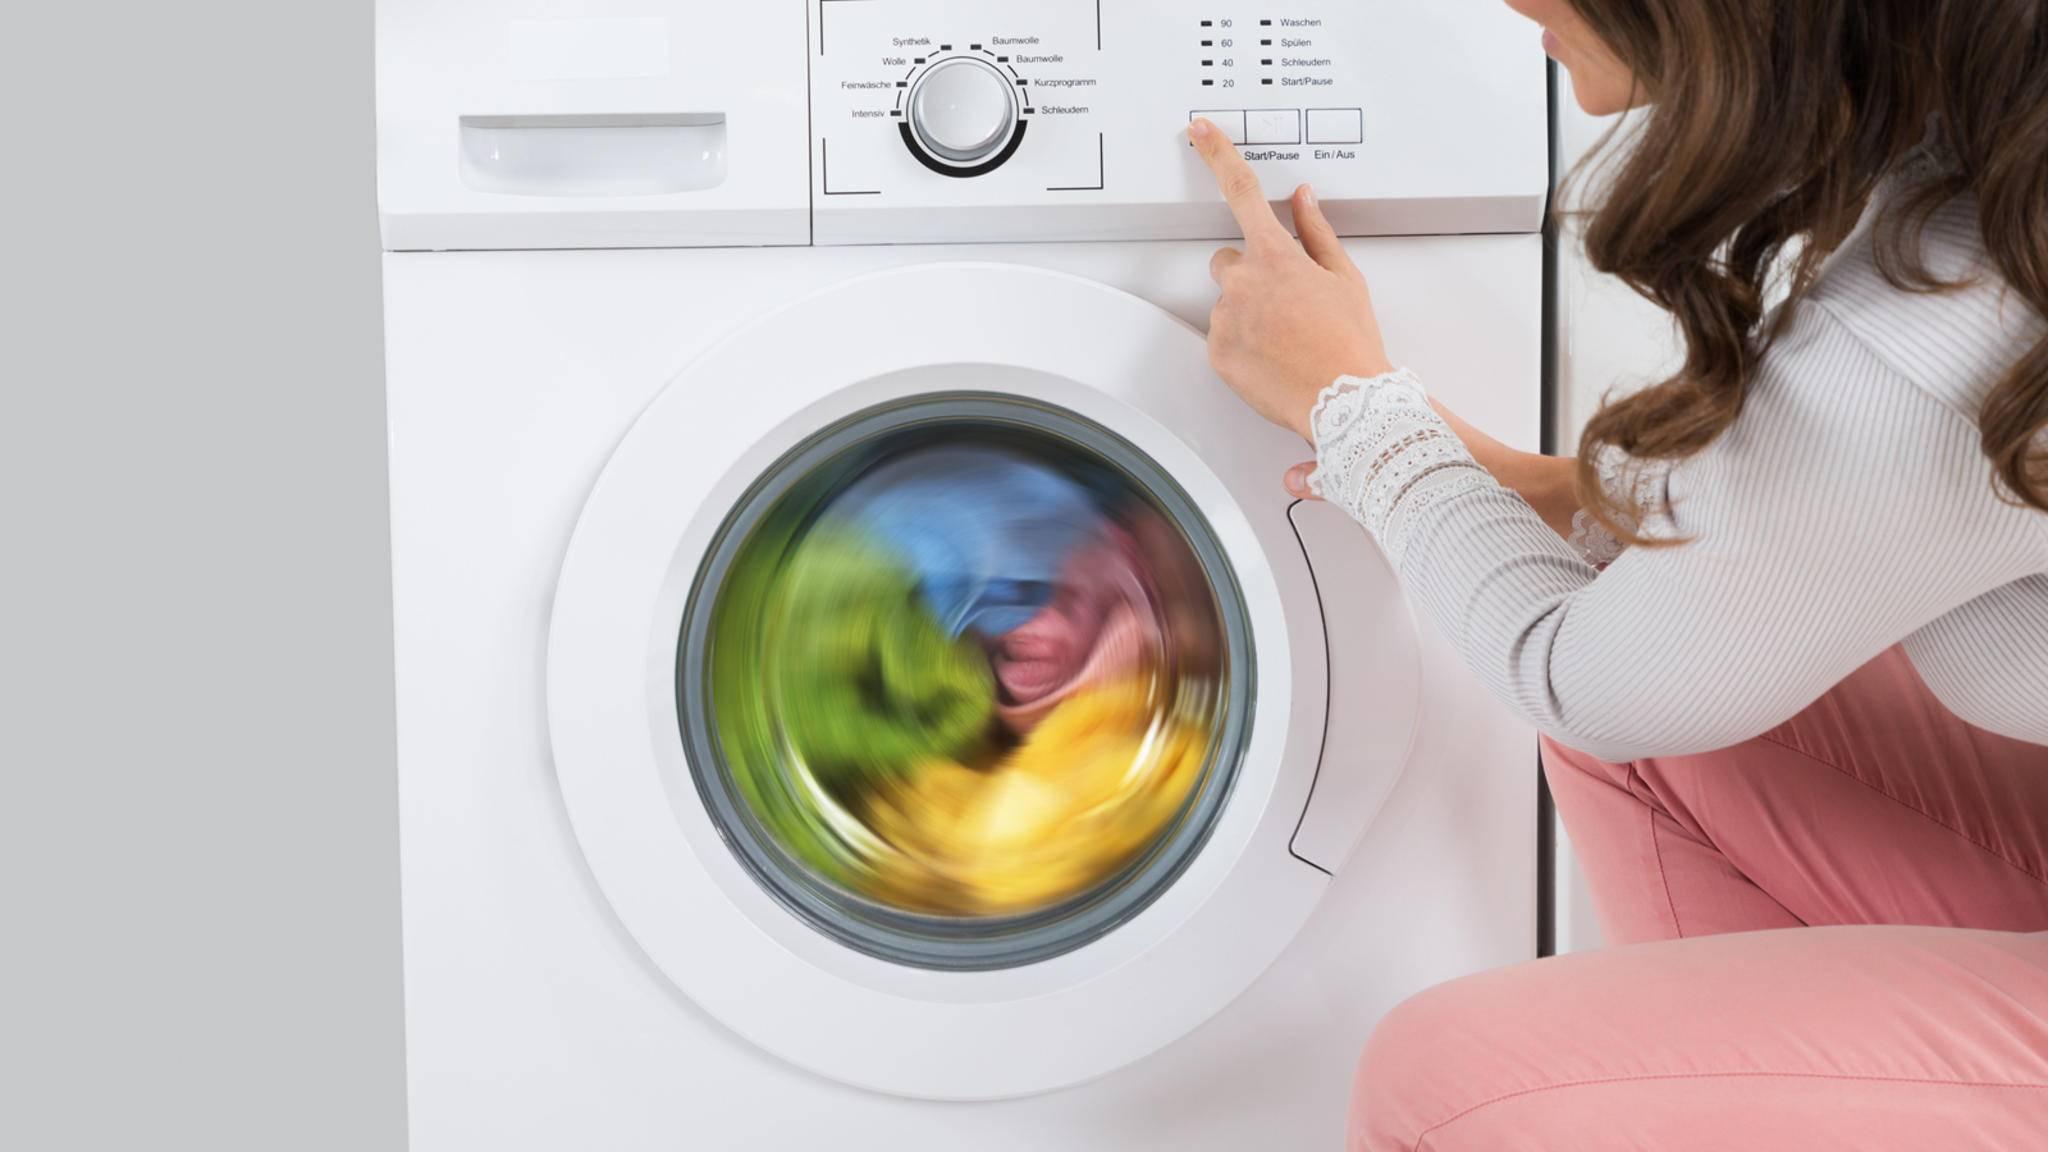 Meist reicht es schon, bei niedrigen Temperaturen von 30 oder 40 Grad Wäsche zu waschen.